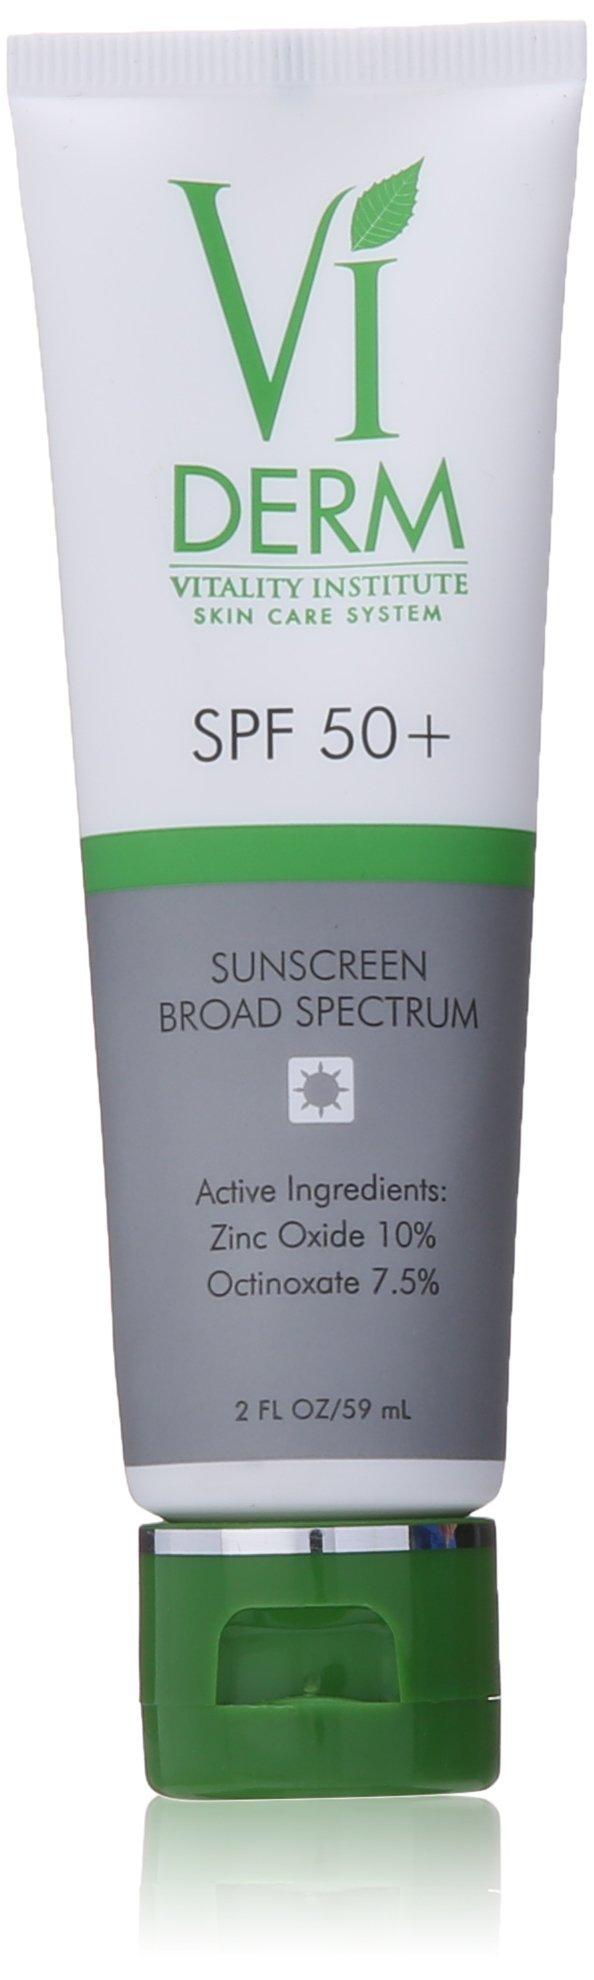 Vi Derm SPF 50+ Sun Protection, 2.0 Fluid Ounce